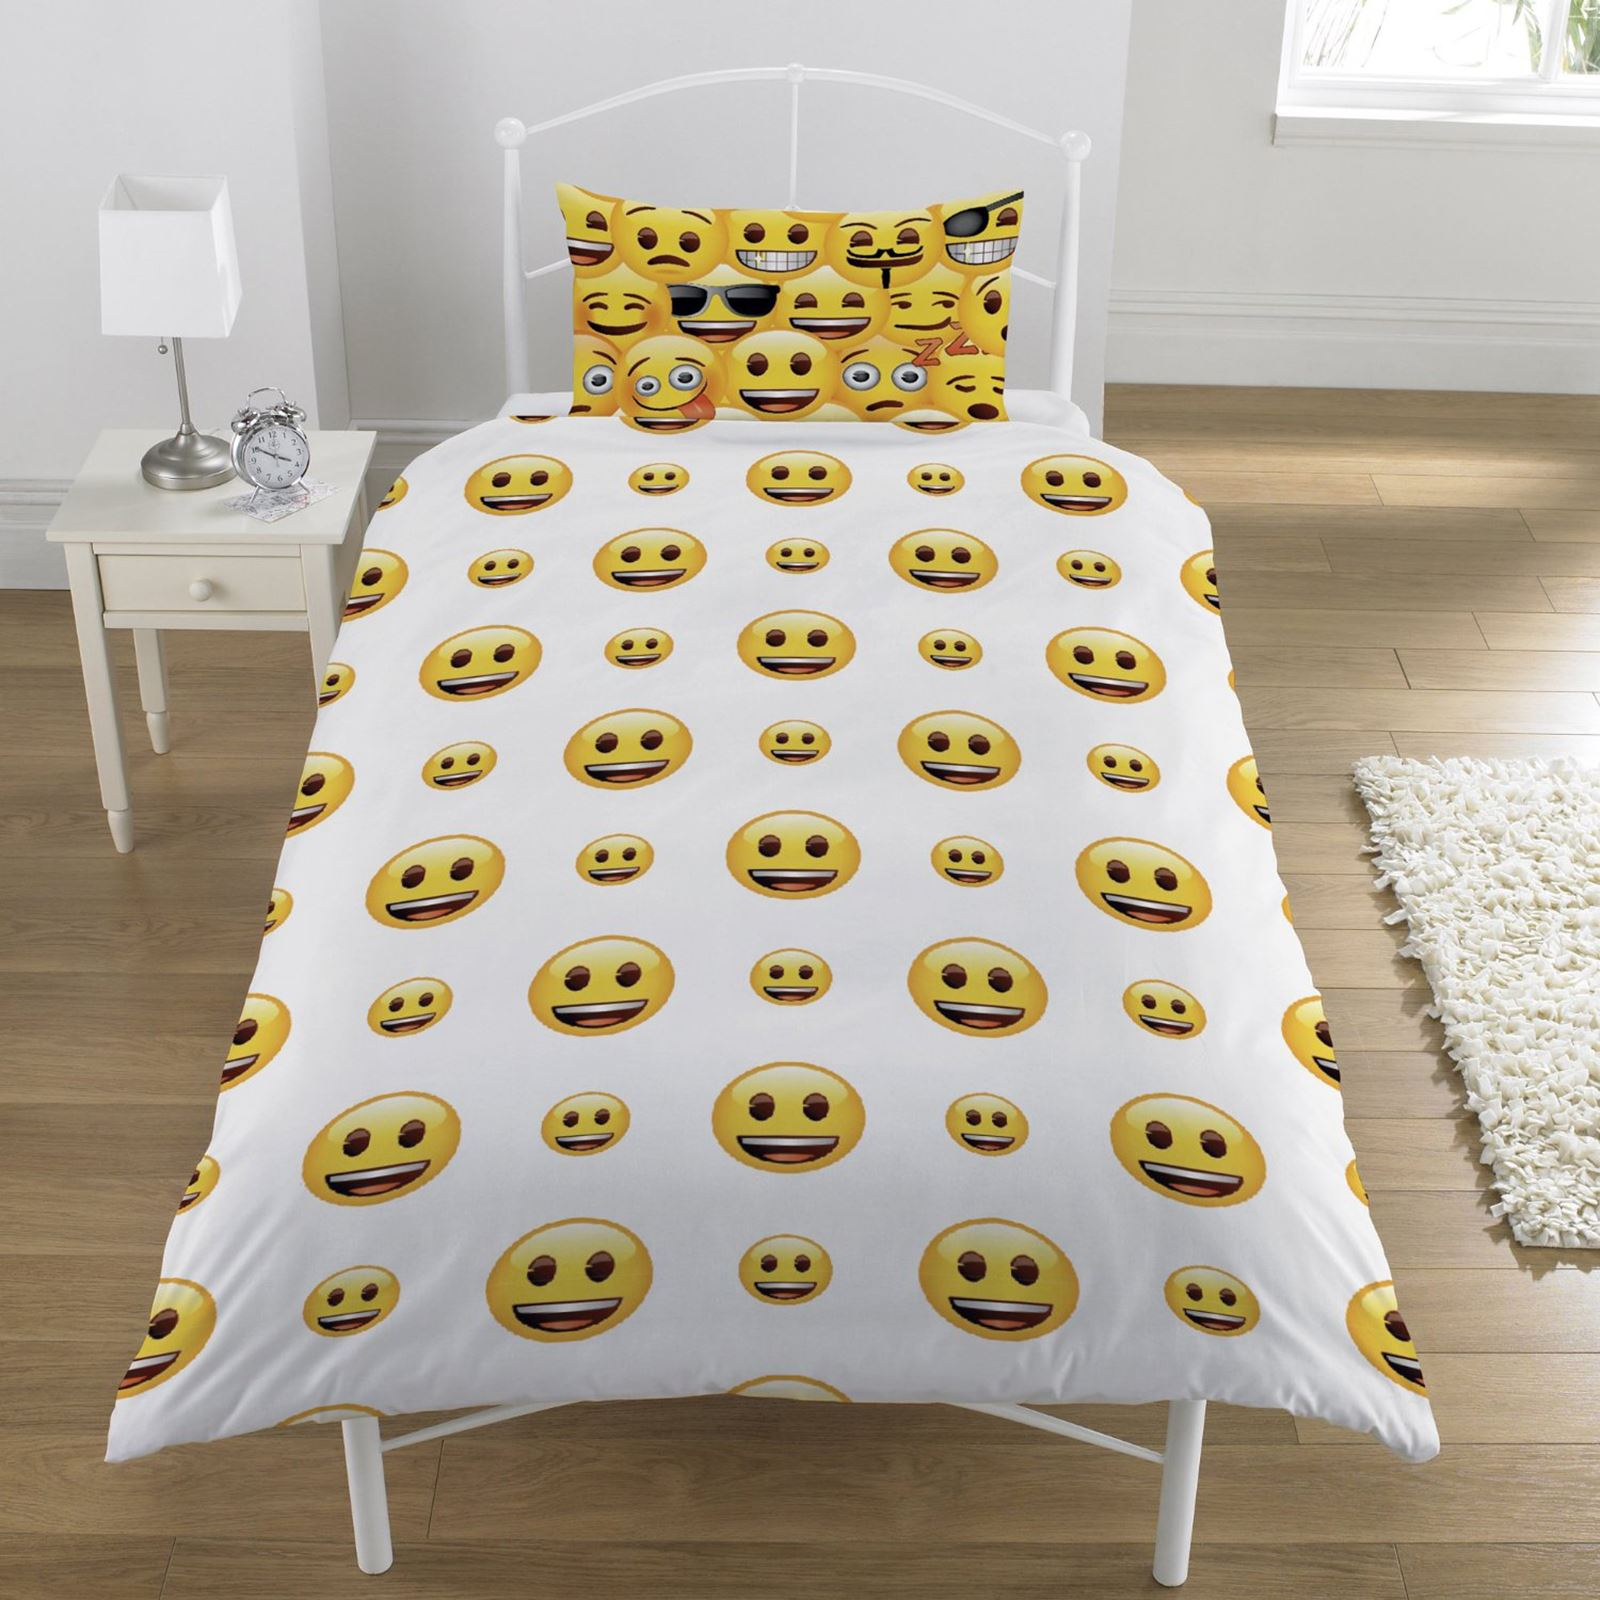 Indexbild 83 - Teenager Bettwäsche Sets - Einzel / Doppelbett Bettwäsche Jungen Musik Graffiti